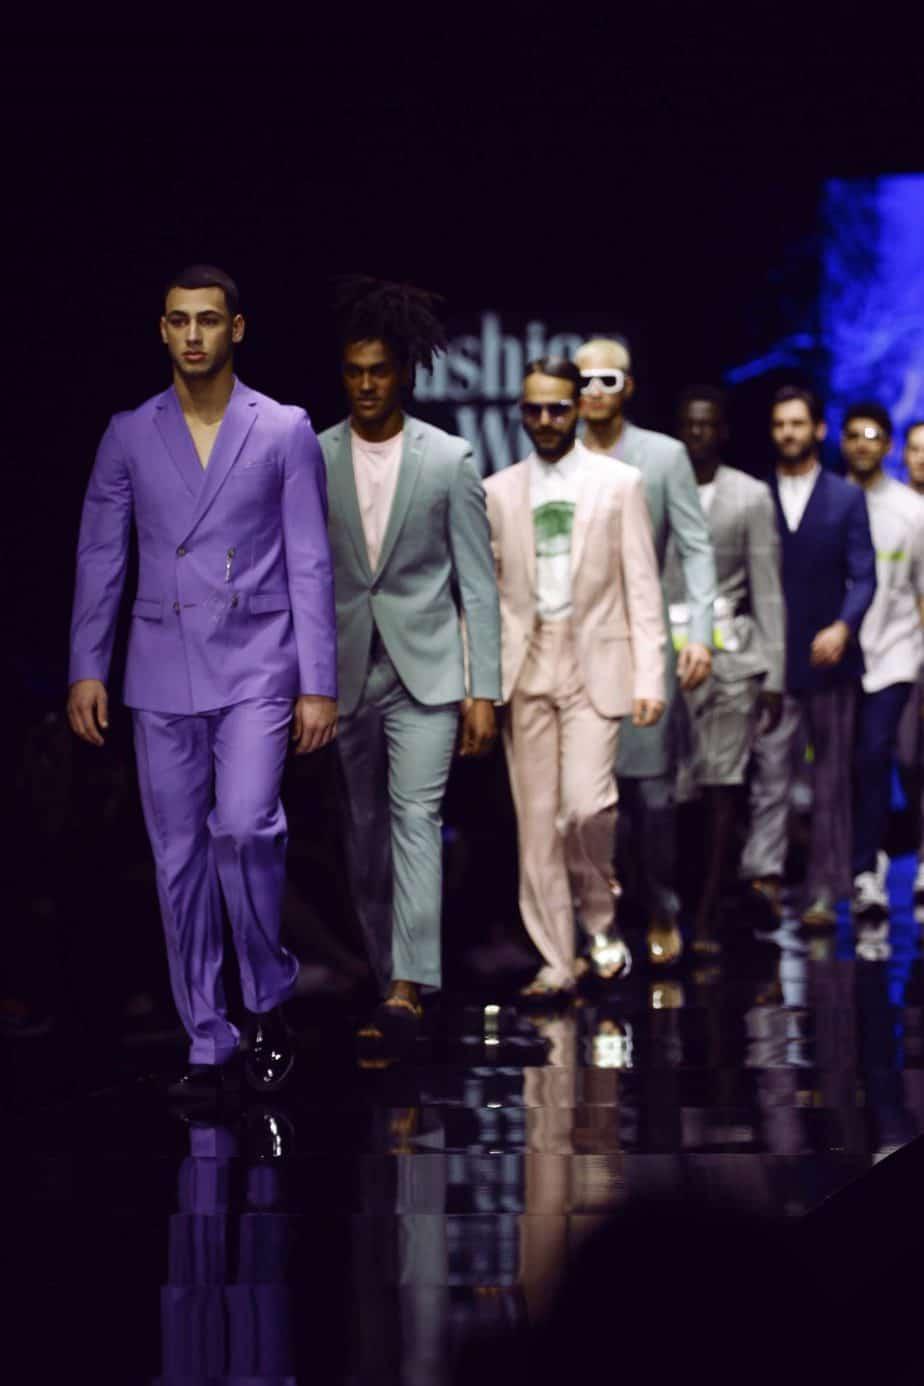 באמוס סקוור, שבוע האופנה תל אביב 2019. צילום עומר רביבי - 3